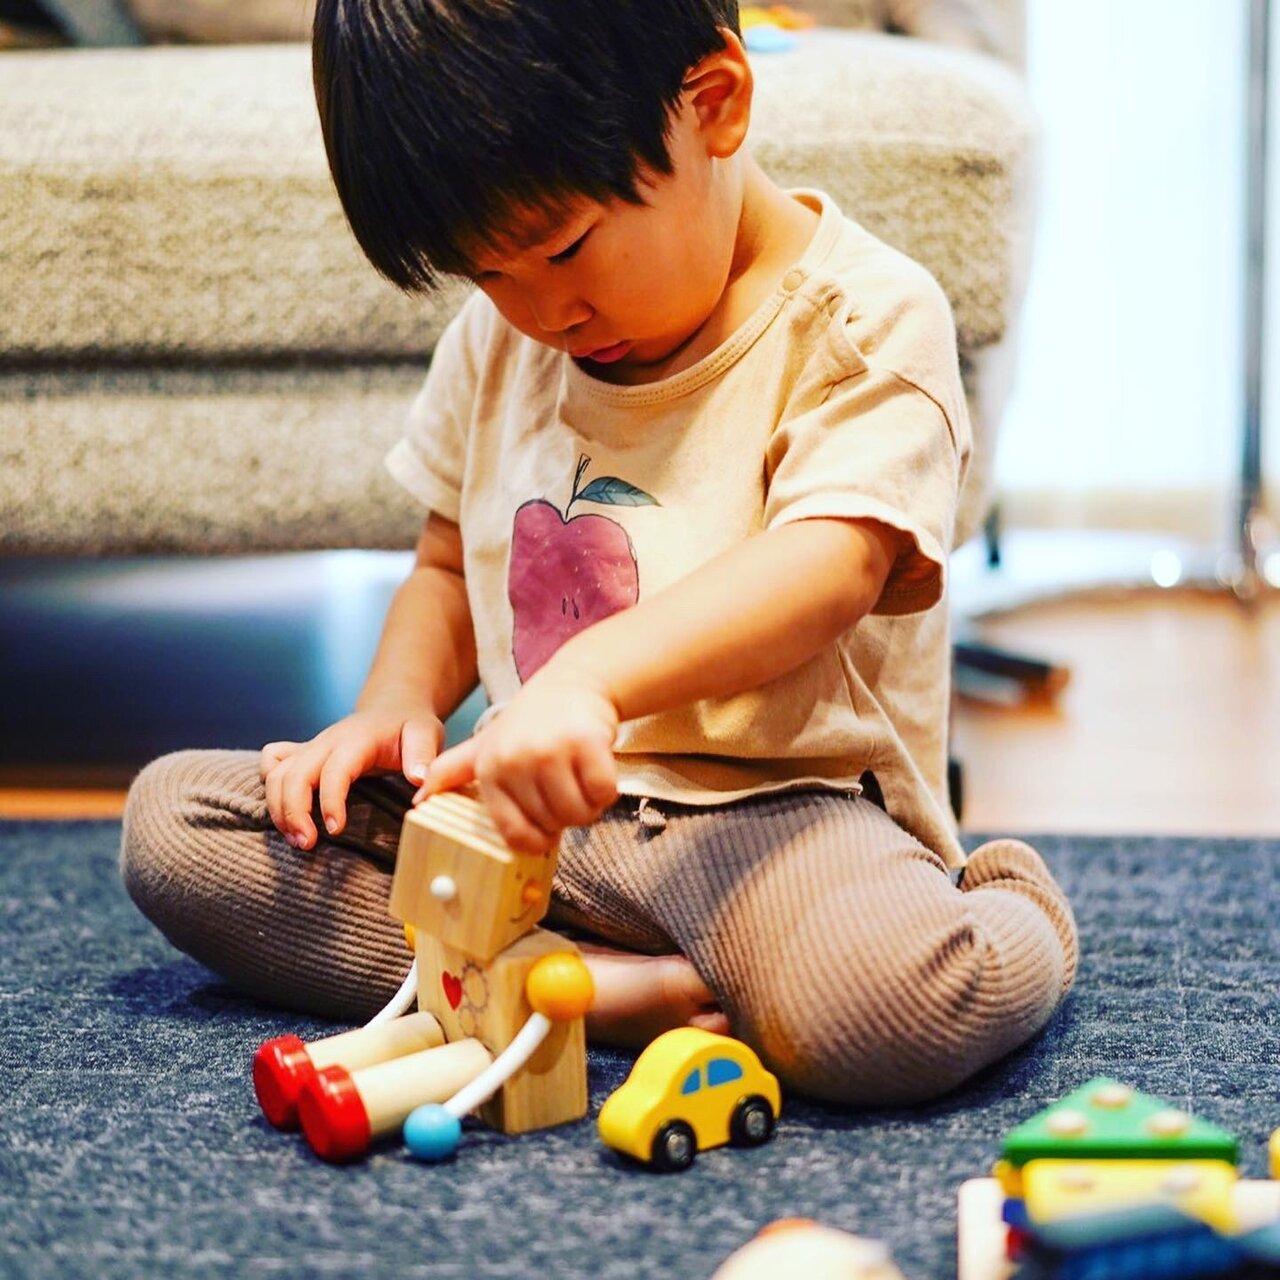 """子どもが気に入ったおもちゃは特別価格での販売も可能。<br> <small class=""""font-small"""">写真提供:Happy Toy</small>"""